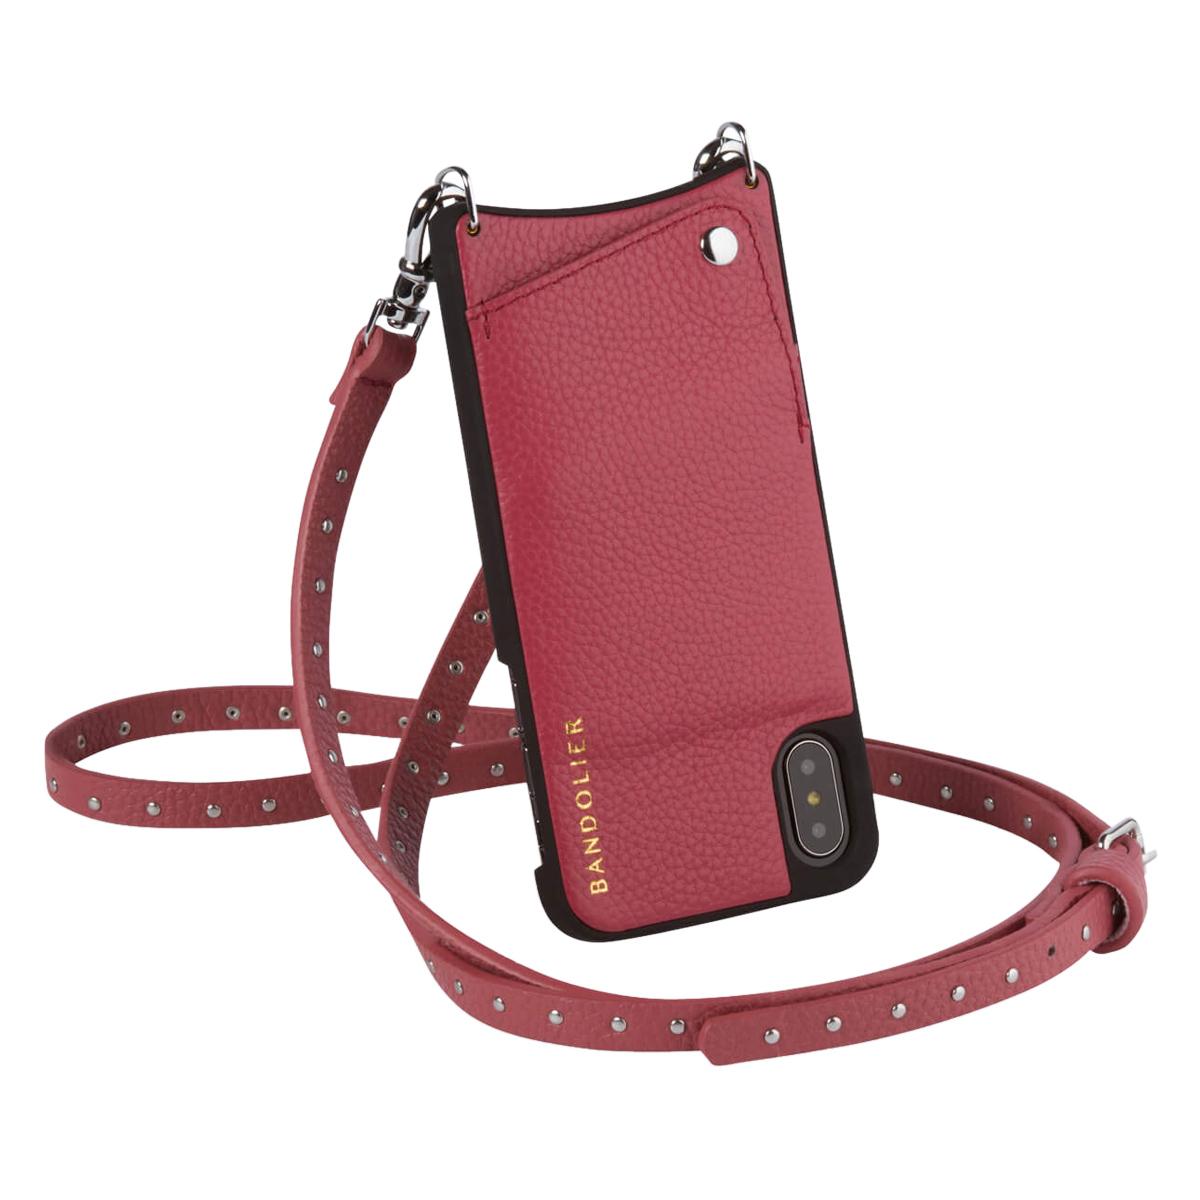 BANDOLIER NICOLE MAGENTA RED バンドリヤー iPhone XS X ケース ショルダー スマホ アイフォン レザー メンズ レディース マゼンタレッド 10NIC1001[192]